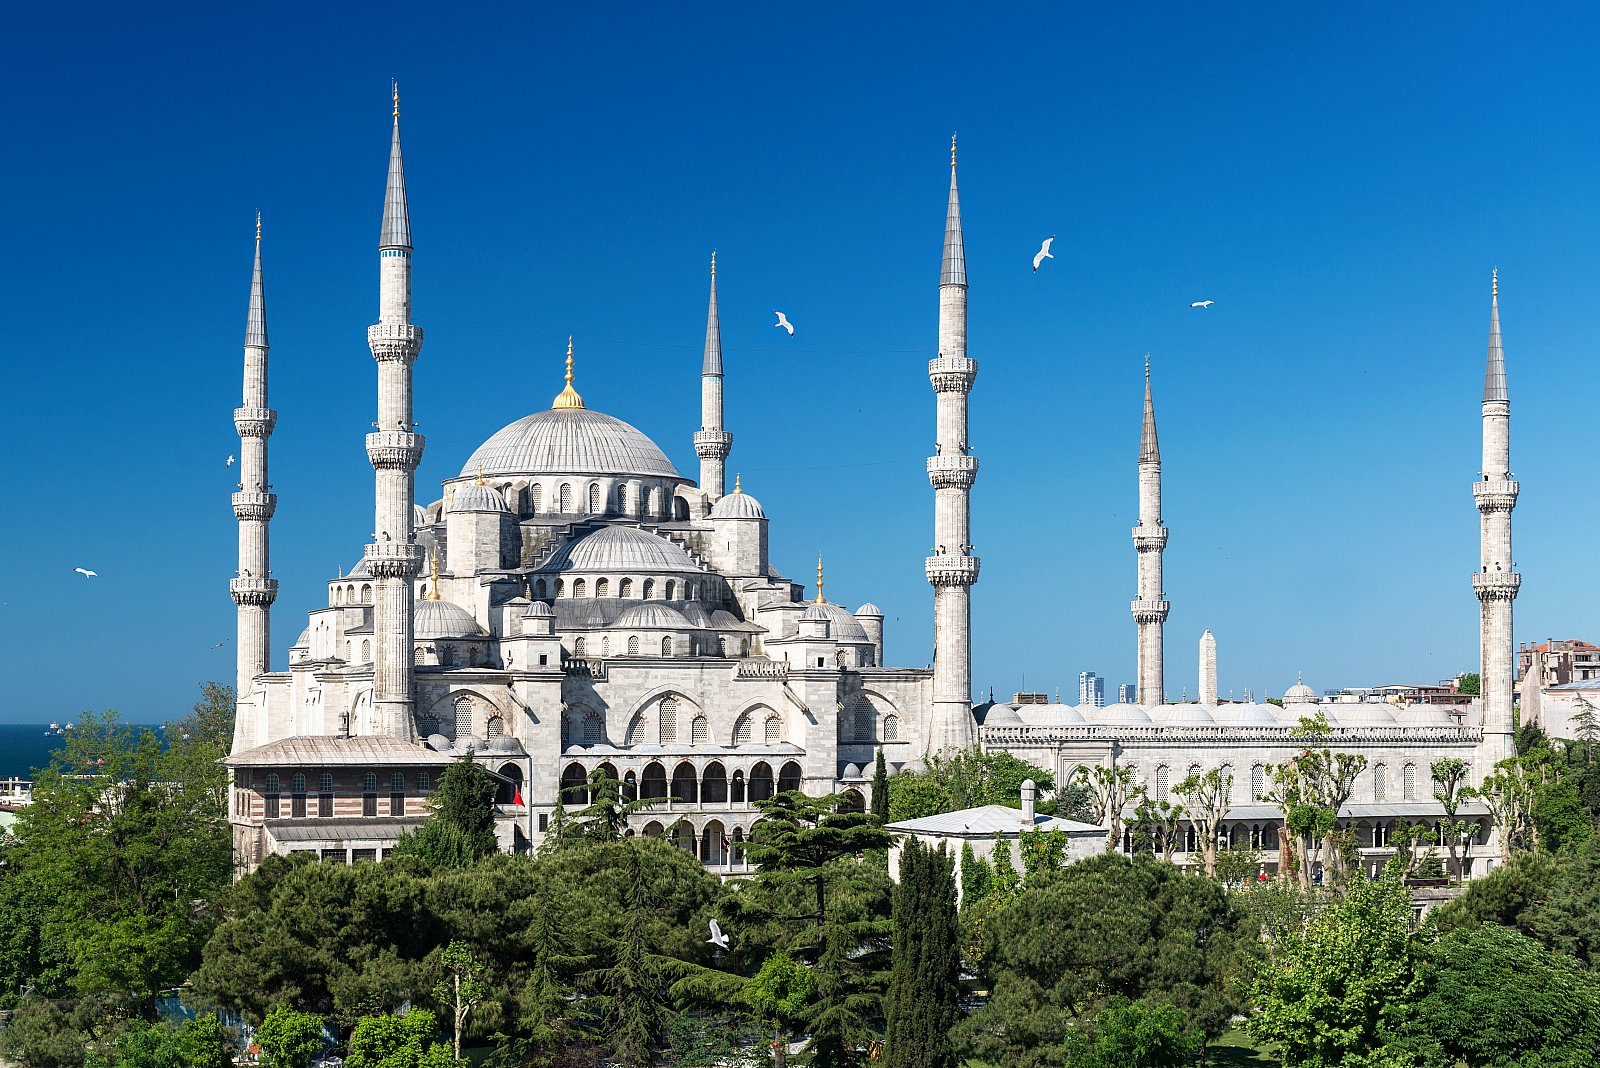 Güzel havanın tadını turistler çıkardı! Sultanahmet çevresinde turist yoğunluğu